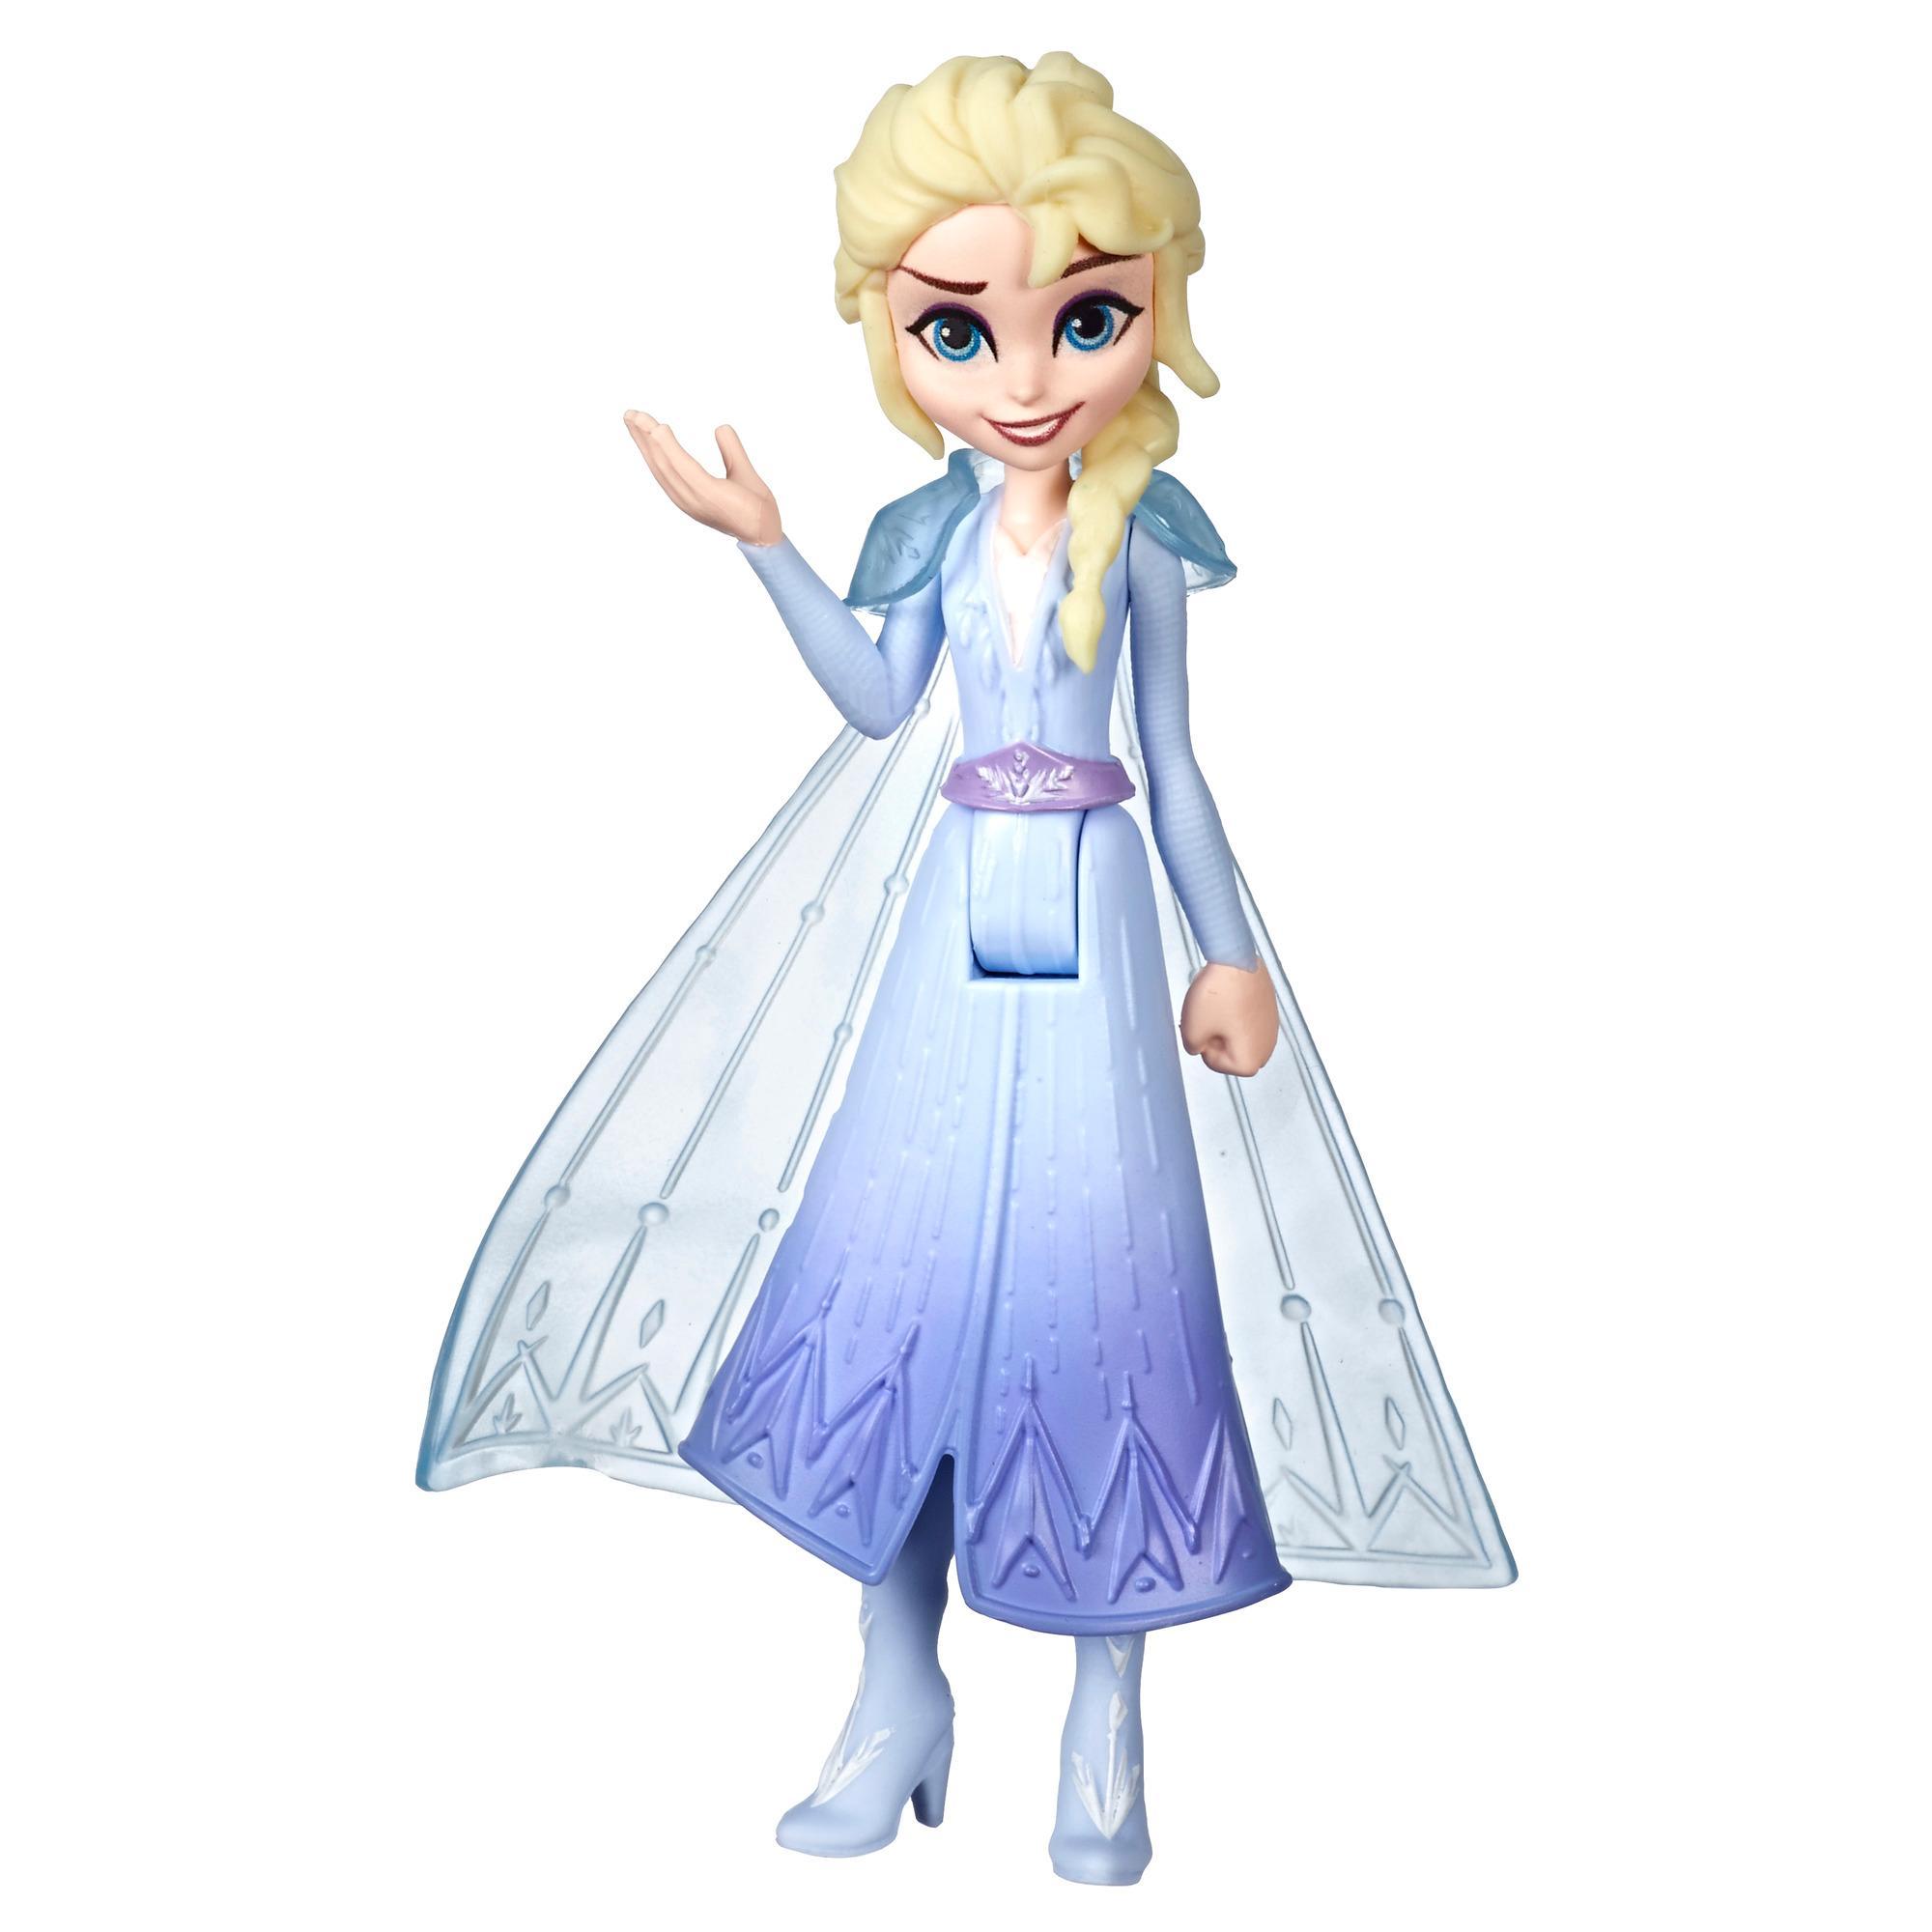 Disney Frozen 2 Elsa Küçük Figür